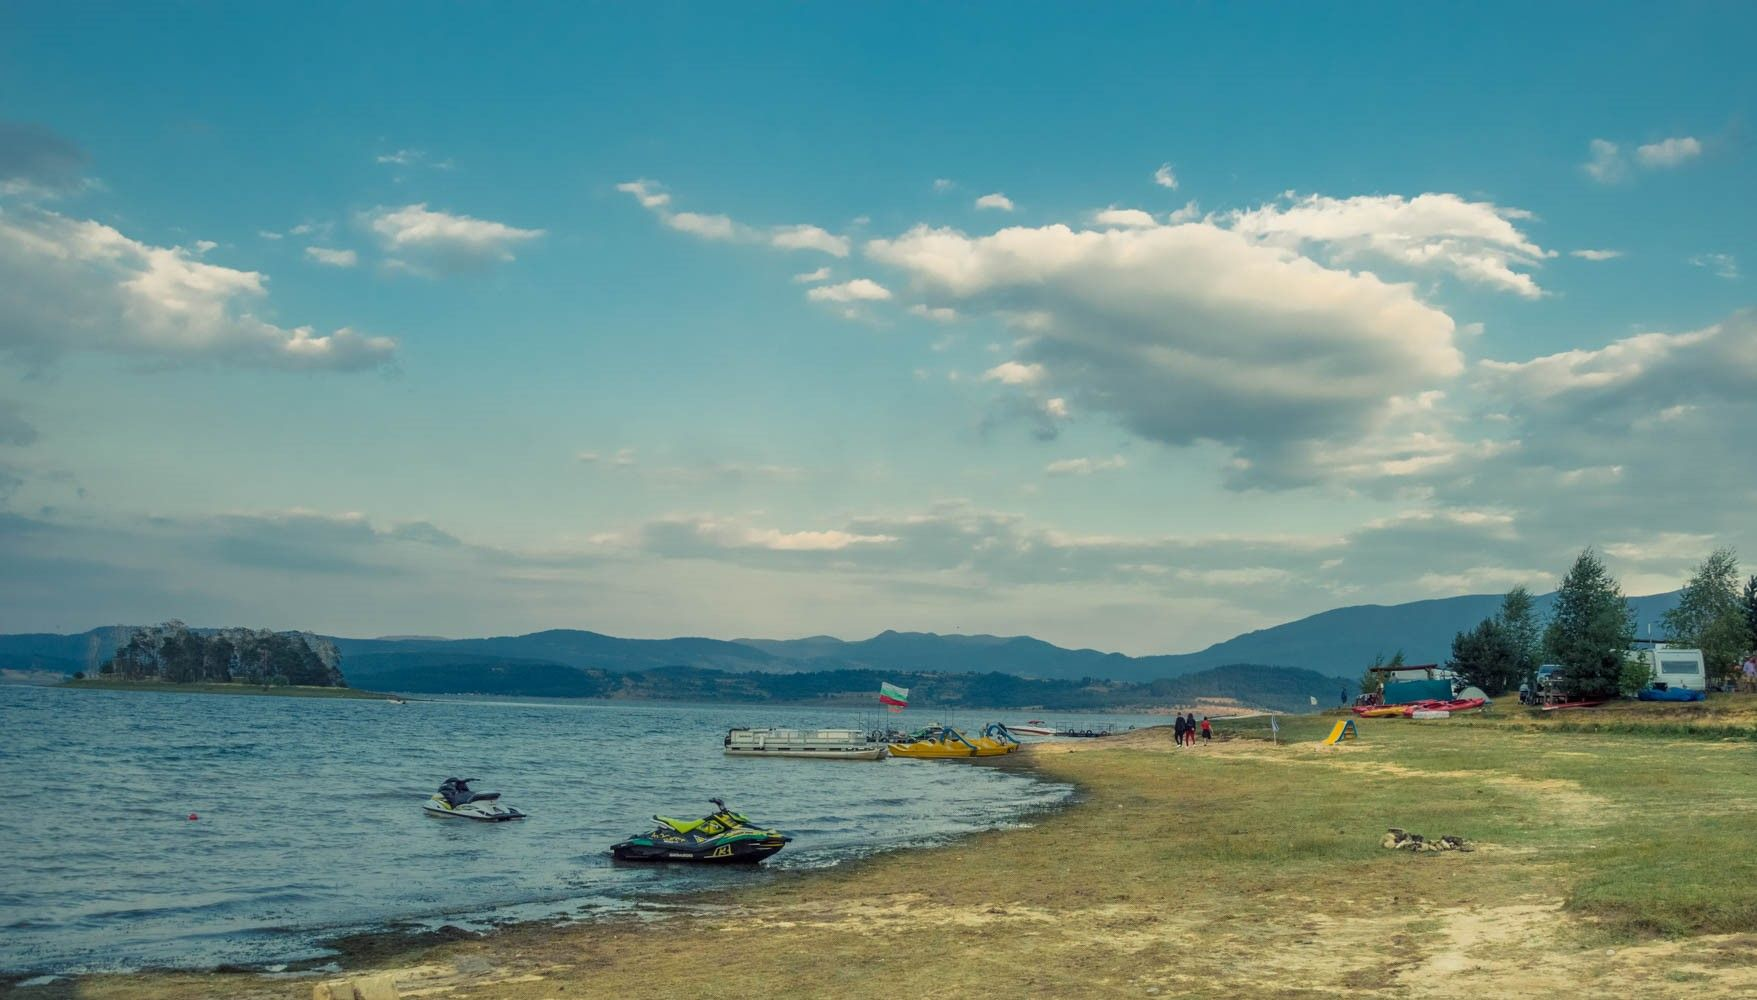 """Брегът на язовира при екокъмпинг """"Батак"""". Вляво се вижда остров Голака."""